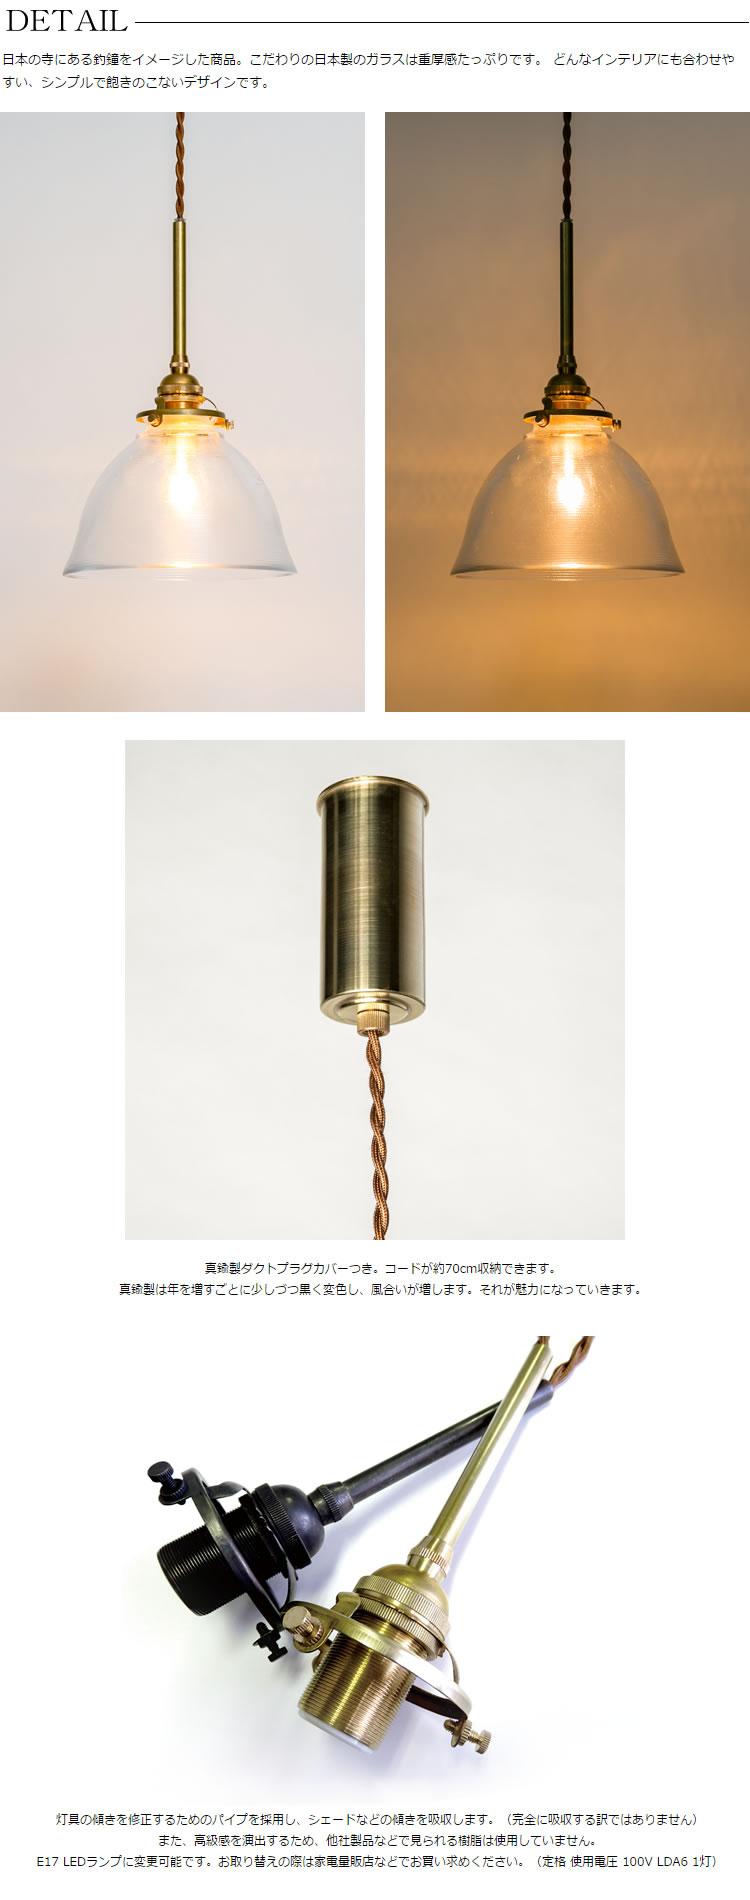 TSURIGANE(ガラス・ダクト・真鍮)